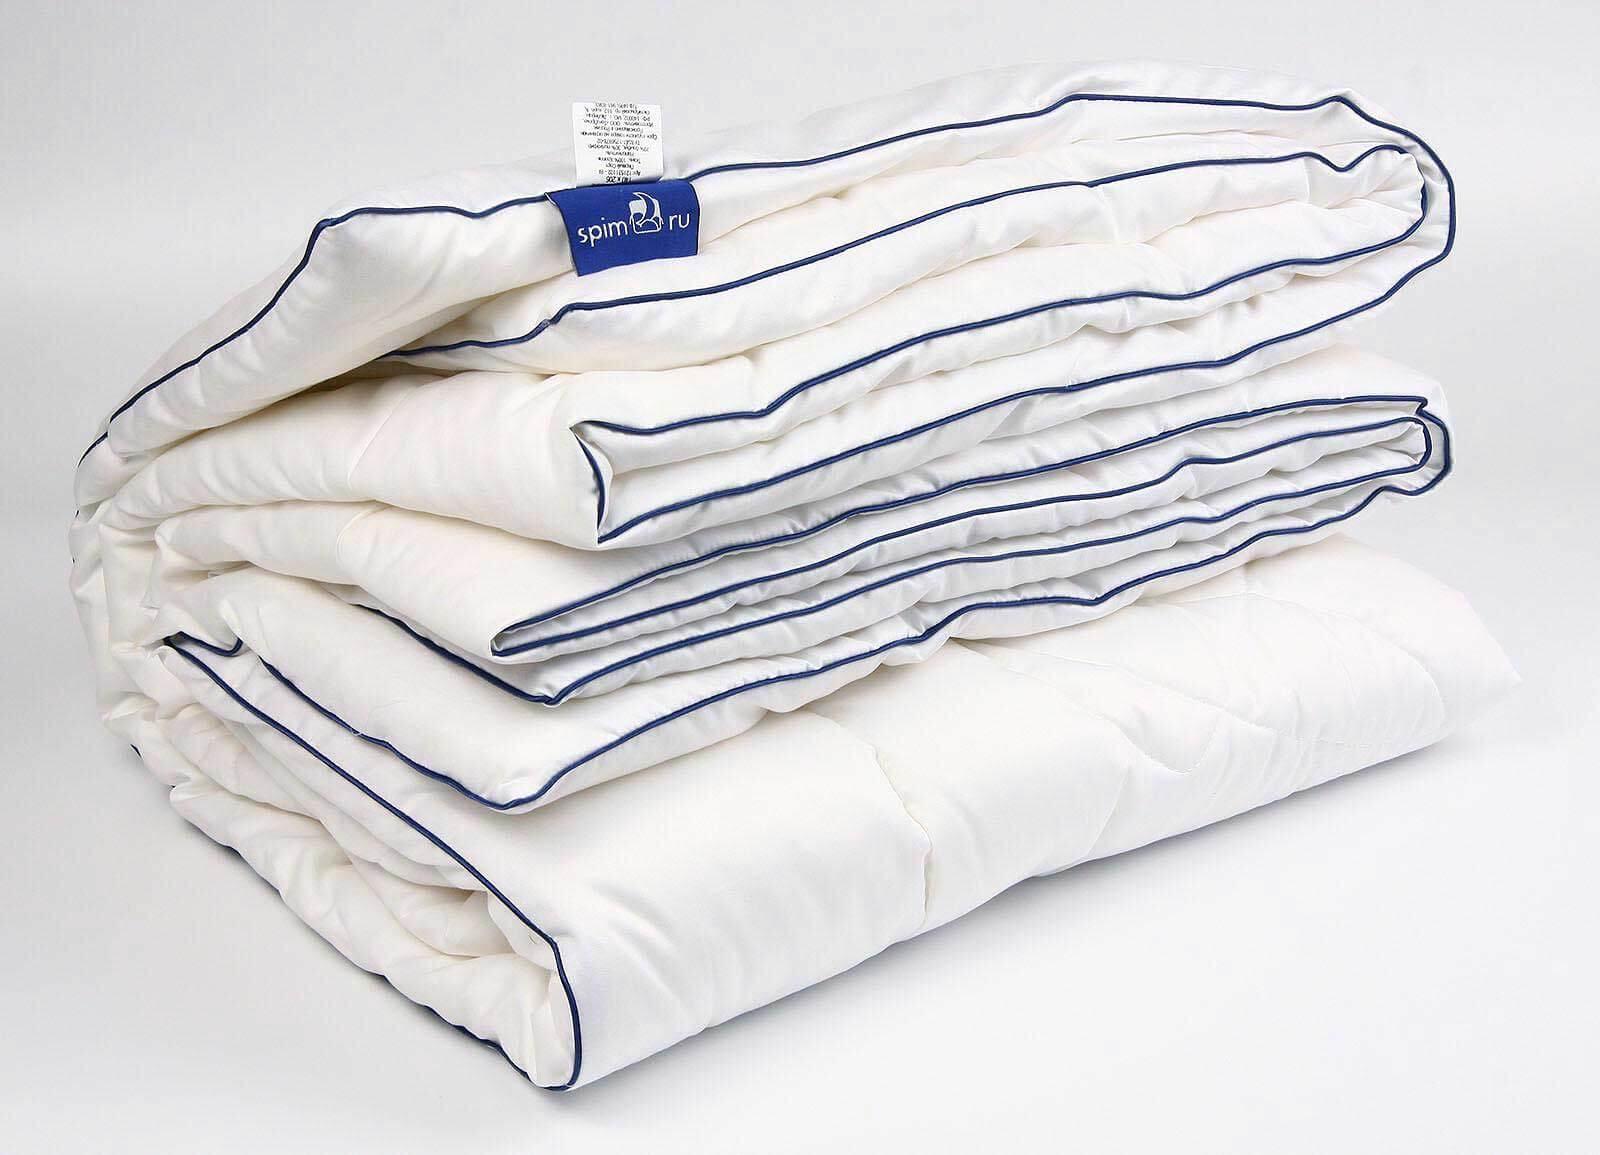 Какое одеяло лучше купить, с каким наполнителем